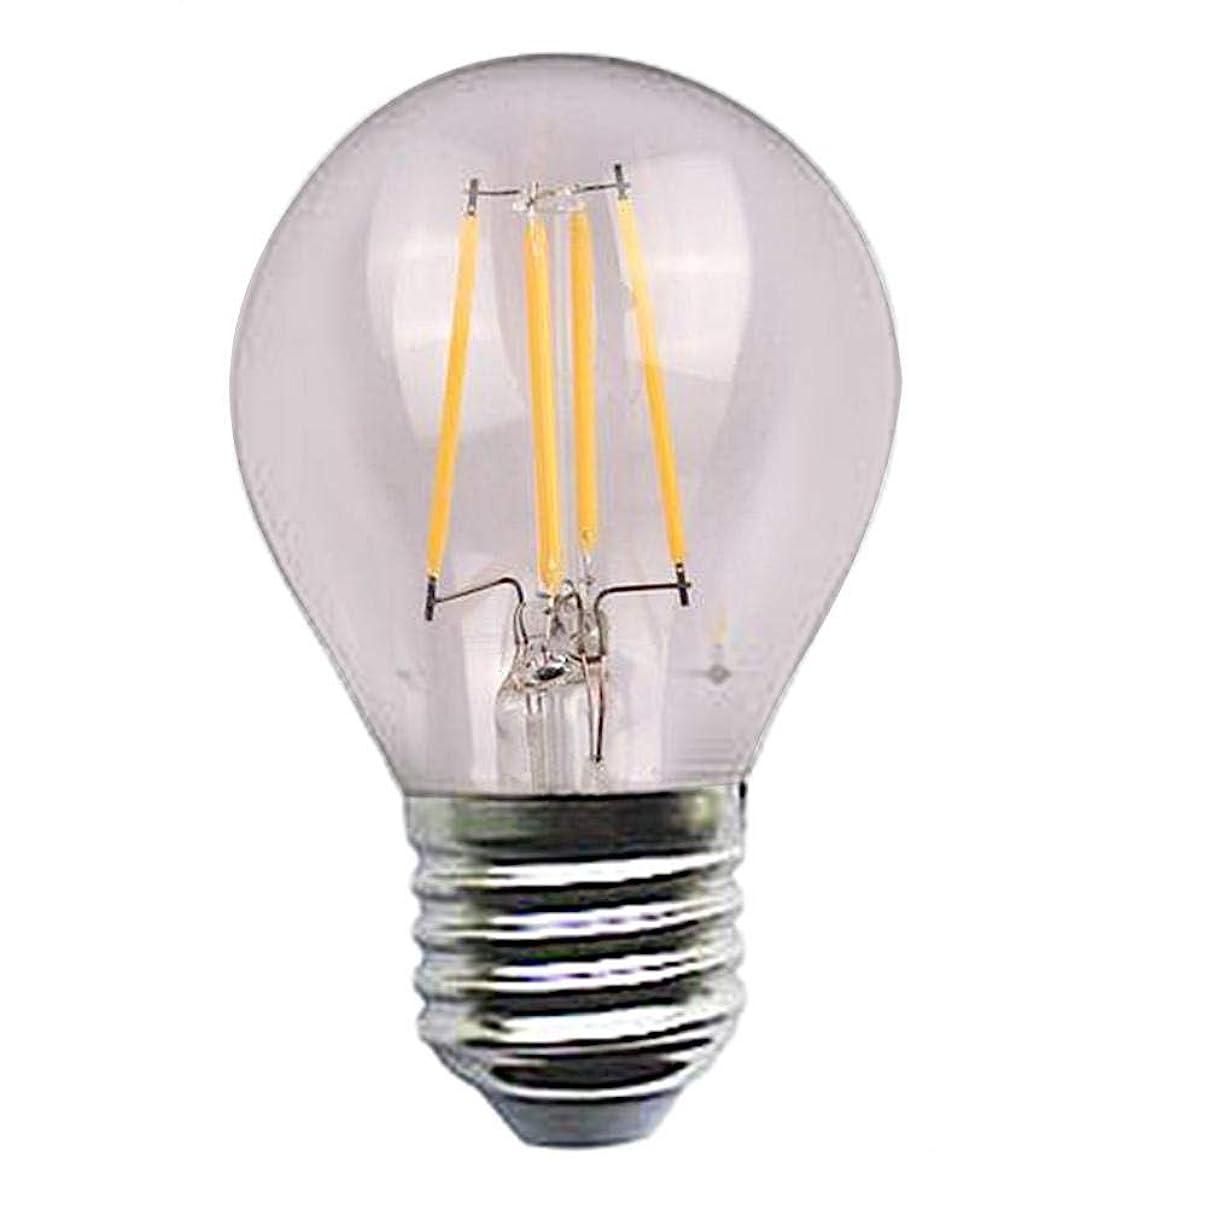 火委員長平手打ちエジソンはフィラメントシリーズ球根4w 110-220vの銀ランプの頭部を導きました